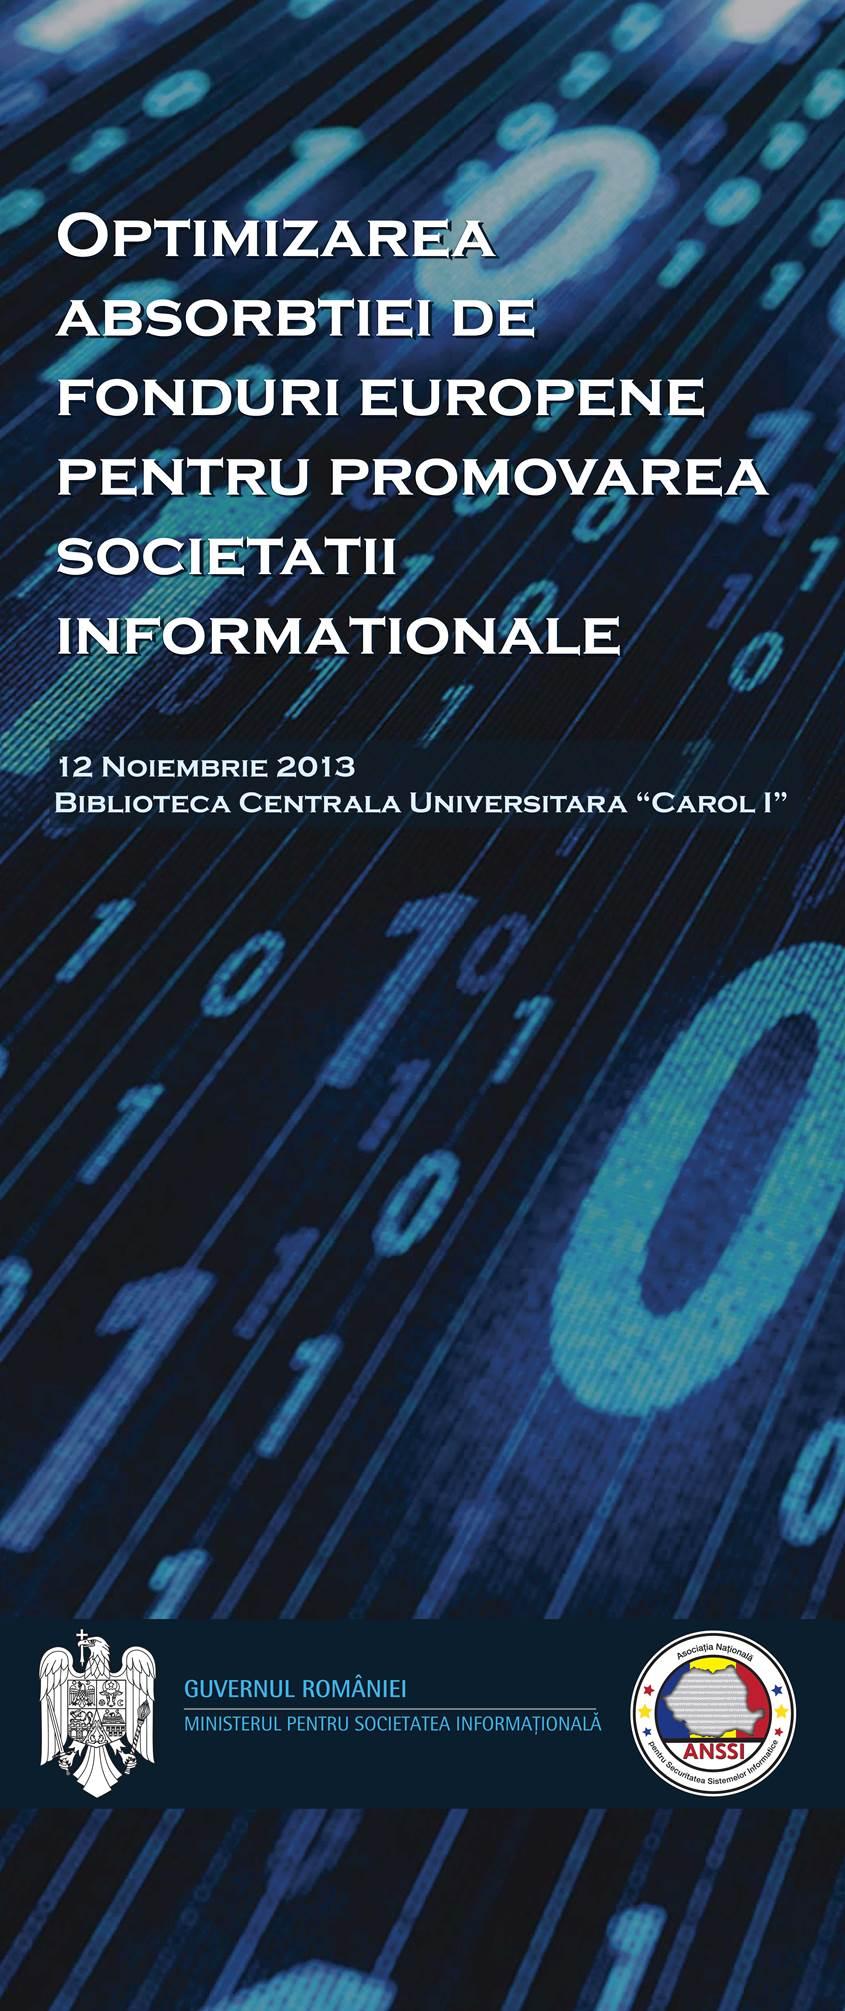 Optimizarea absorbtiei de fonduri europene pentru promovarea societatii informationale